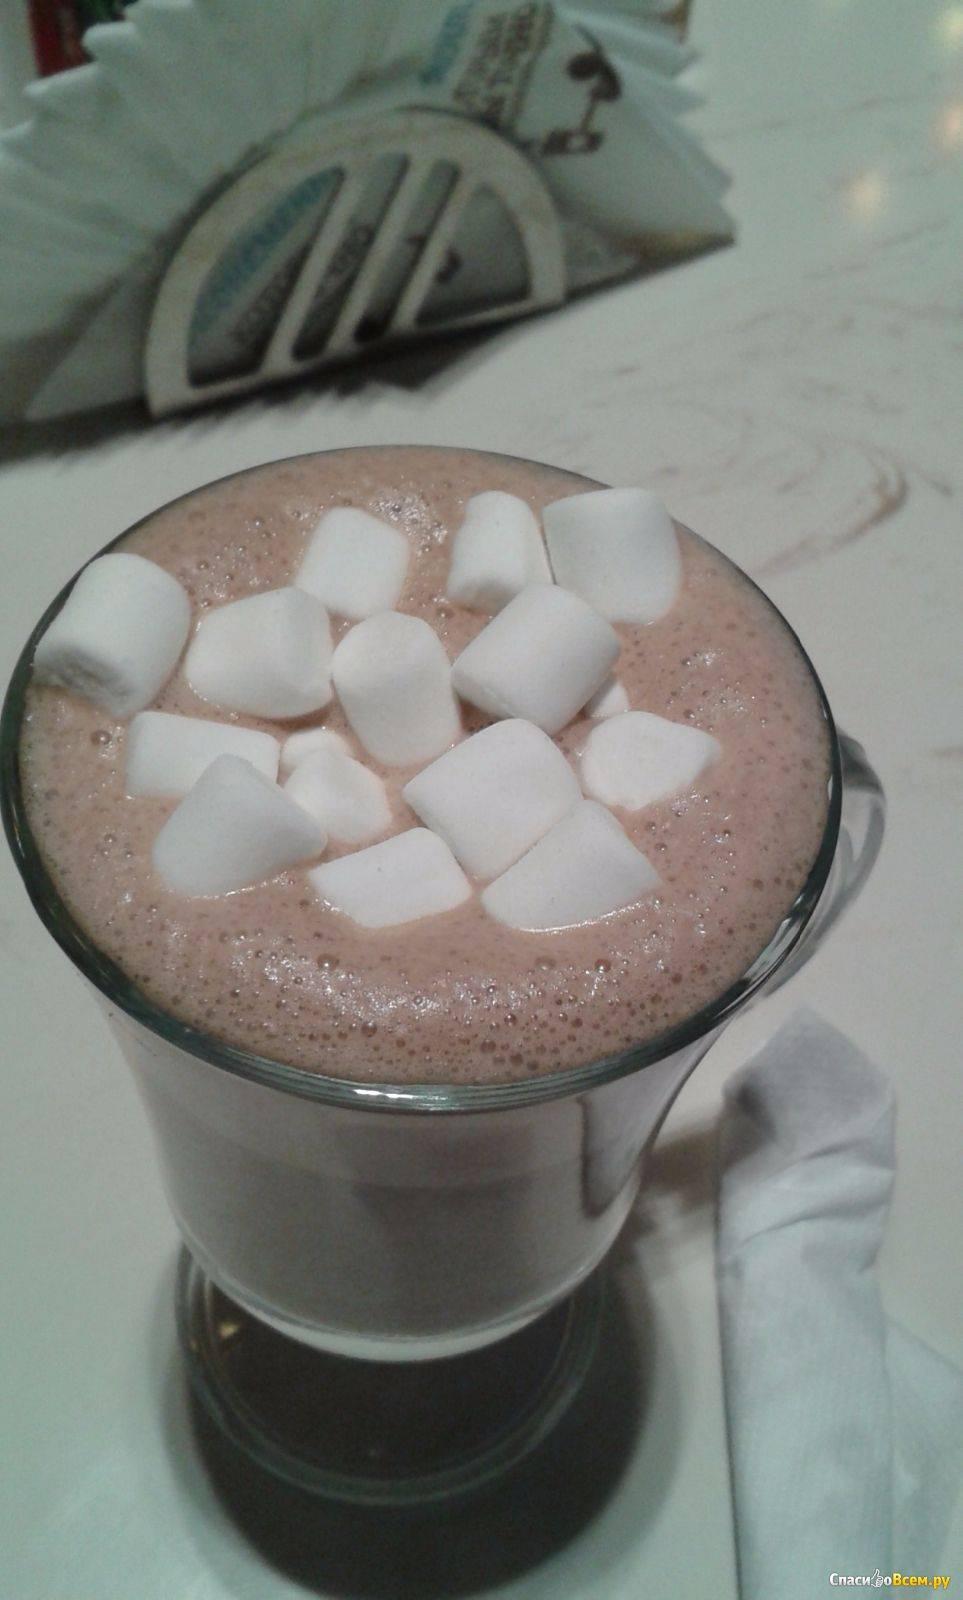 Как сделать кофе с маршмеллоу в домашних условиях